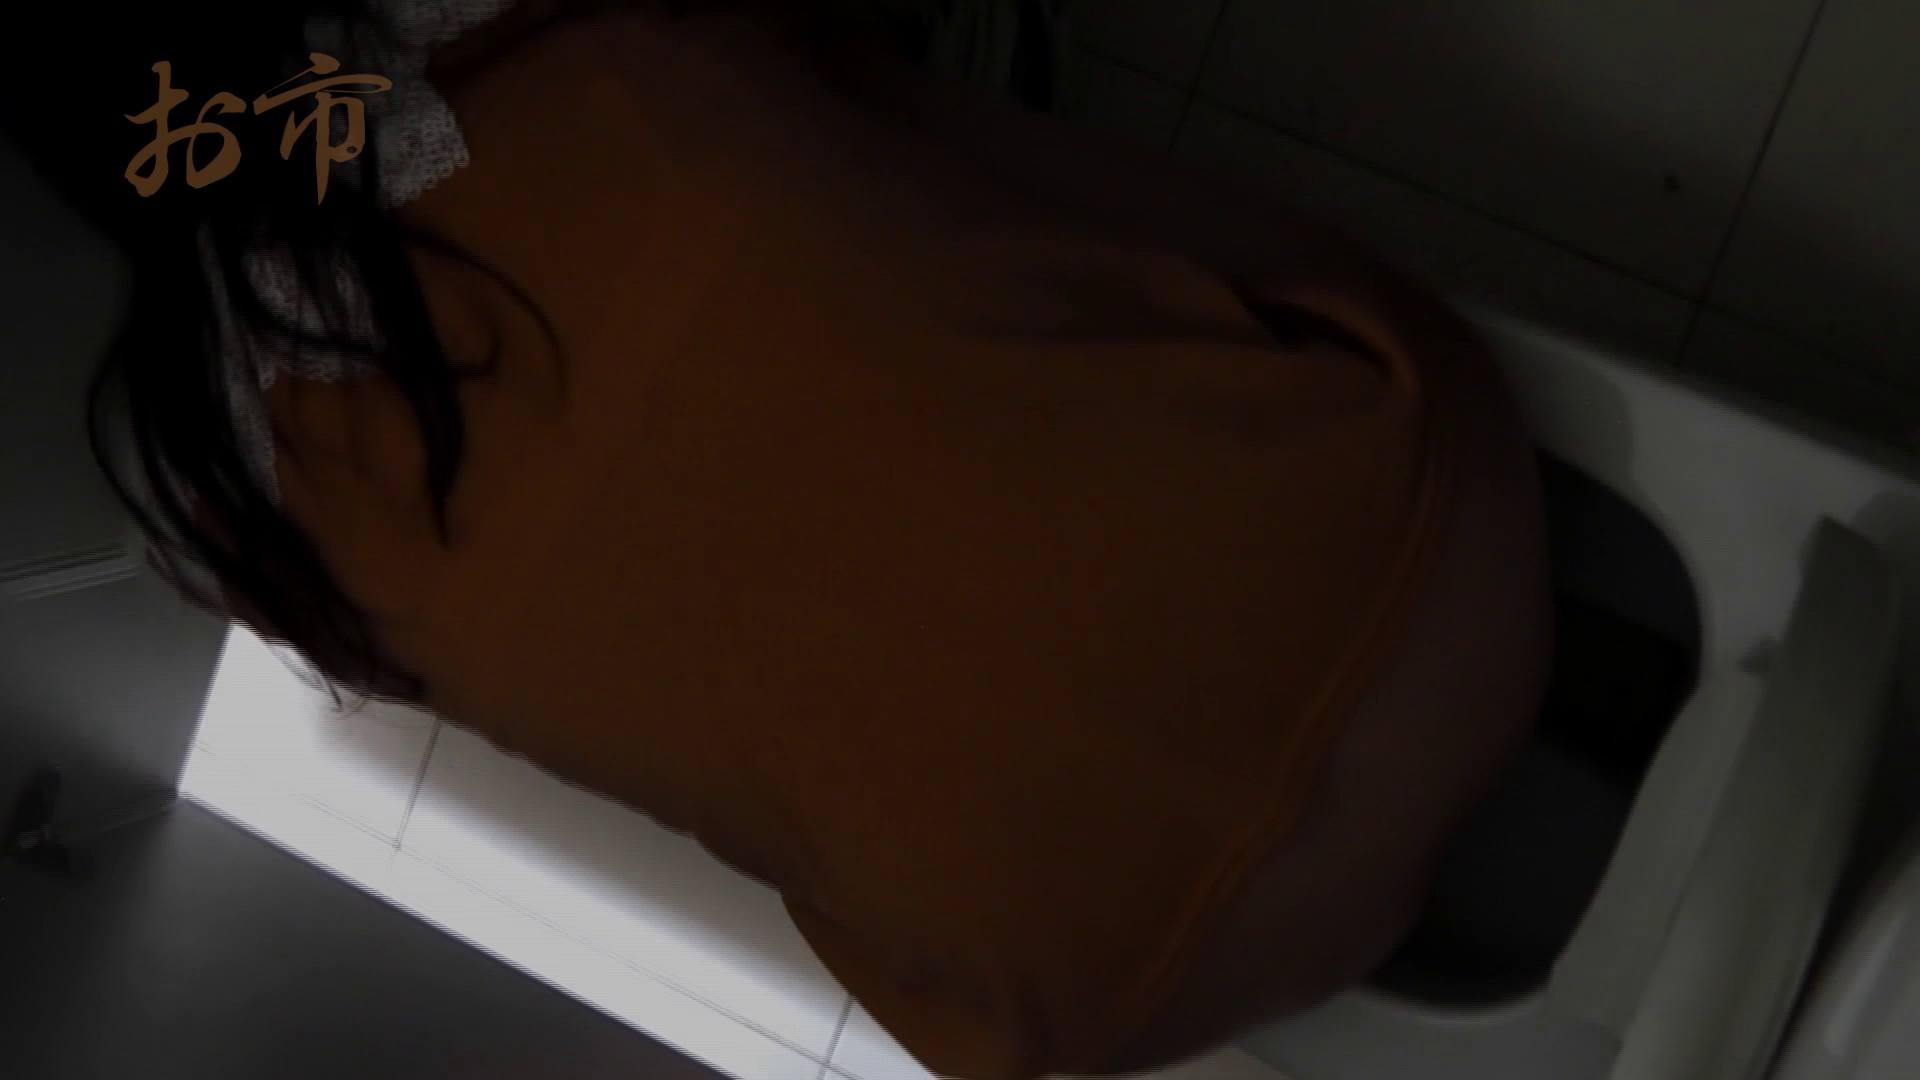 潜入!!台湾名門女学院 Vol.12 長身モデル驚き見たことないシチュエーション ギャル攻め AV動画キャプチャ 84画像 74